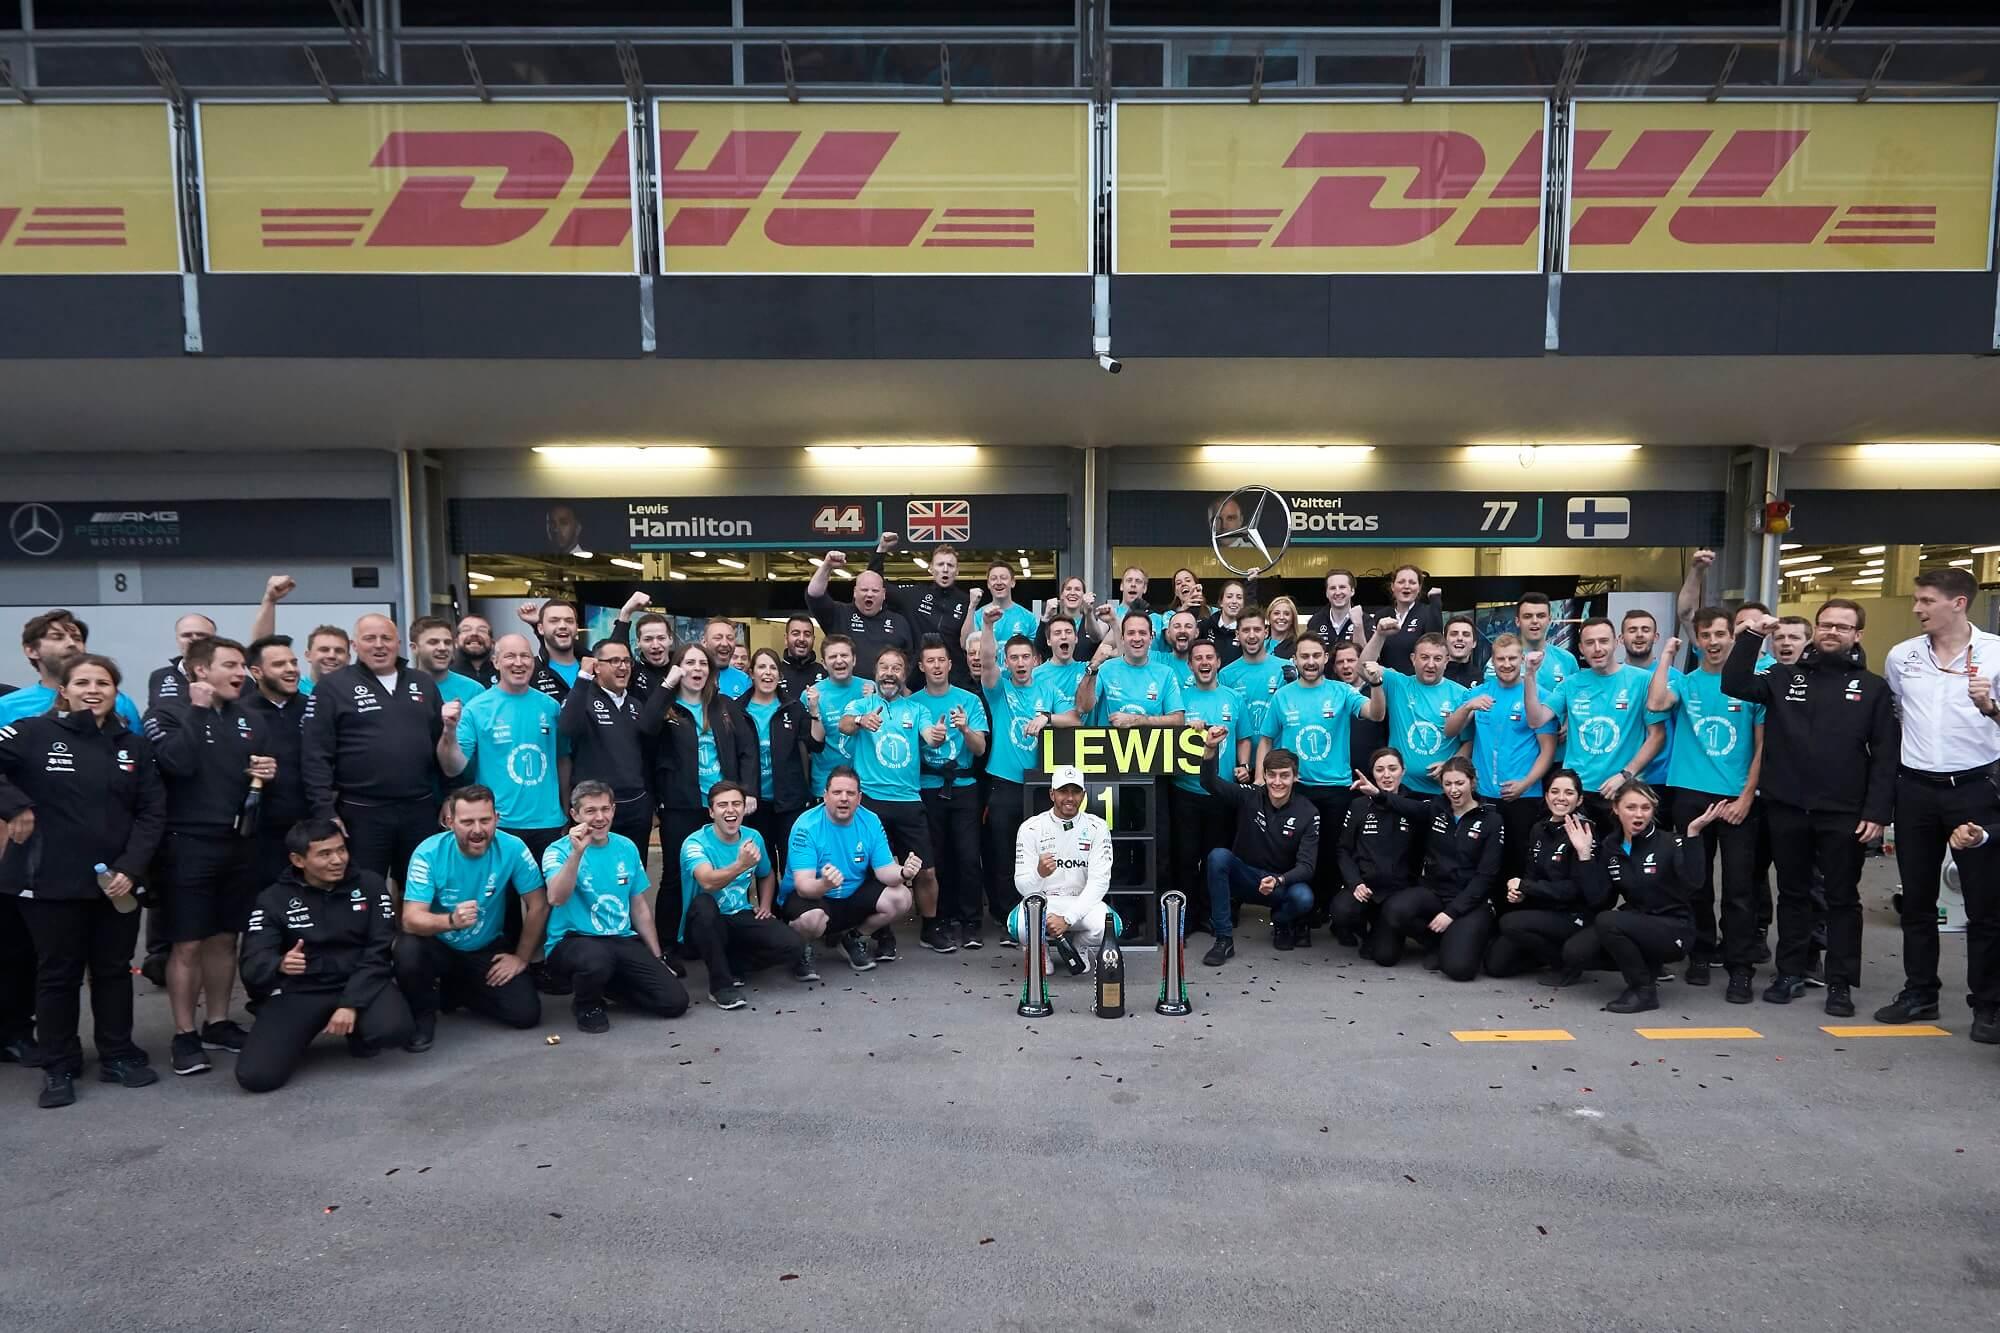 Lewis Hamilton Baku 2018